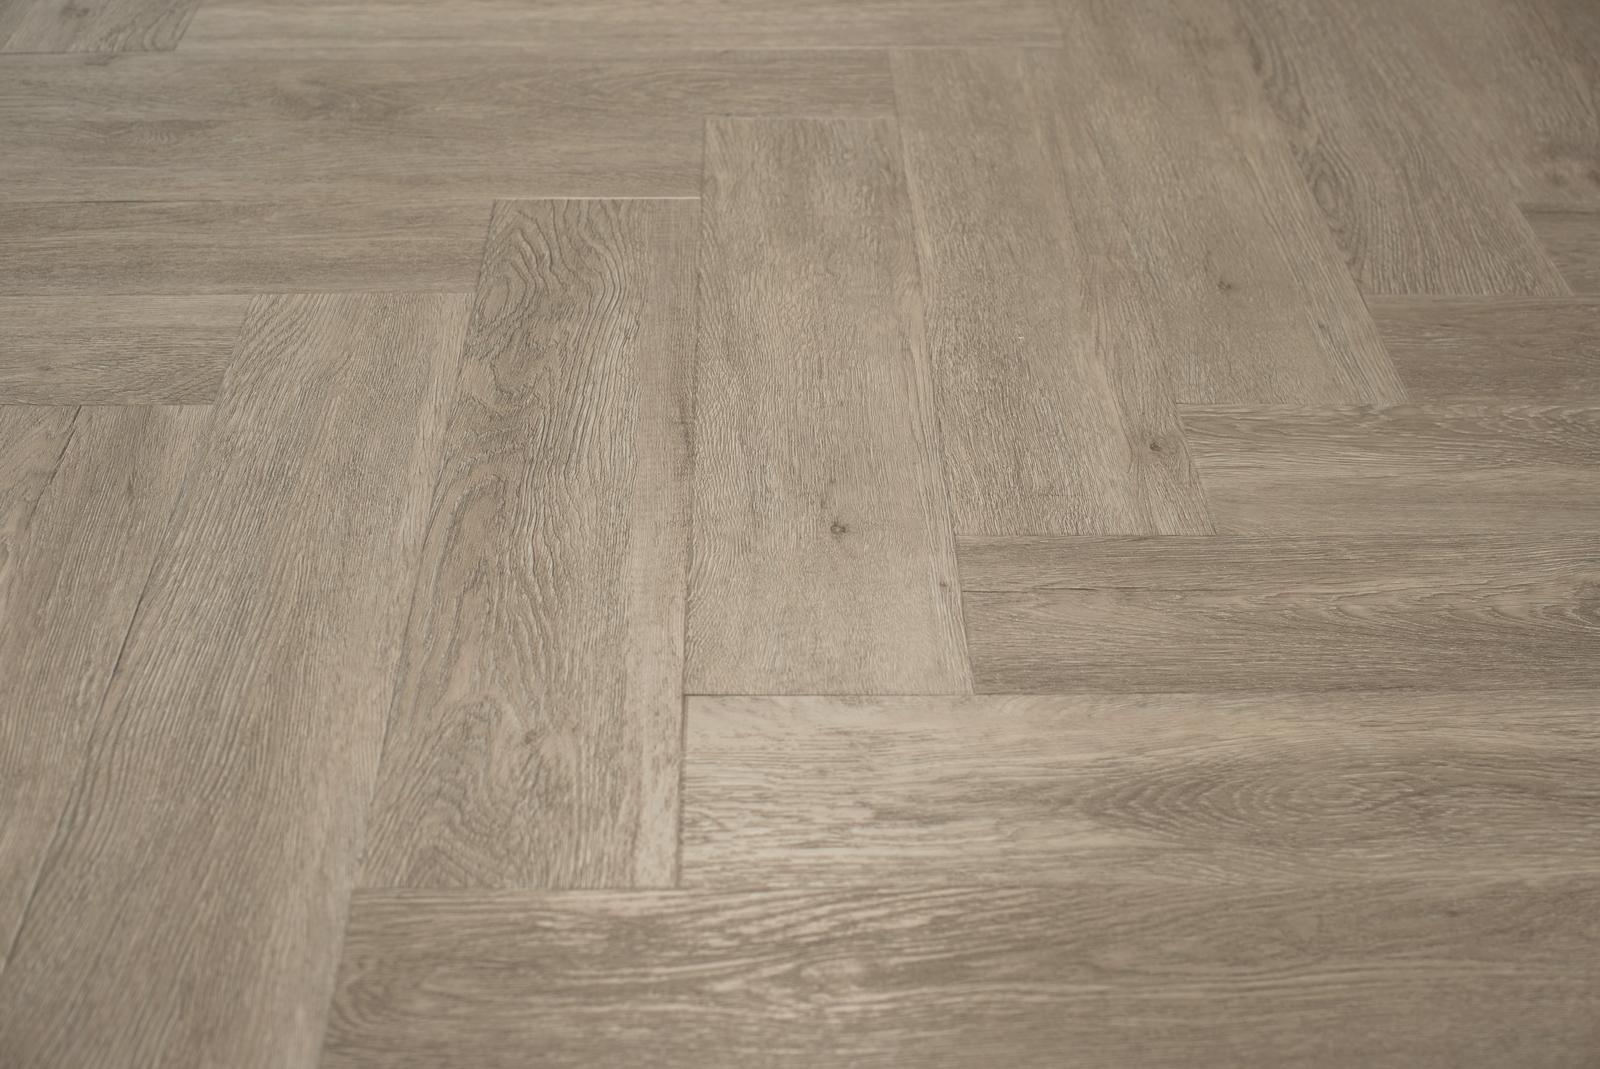 Visgraat Vloer Grijs : Floer visgraat pvc vloer grijsbeige eiken visgraat vloeren met v groef